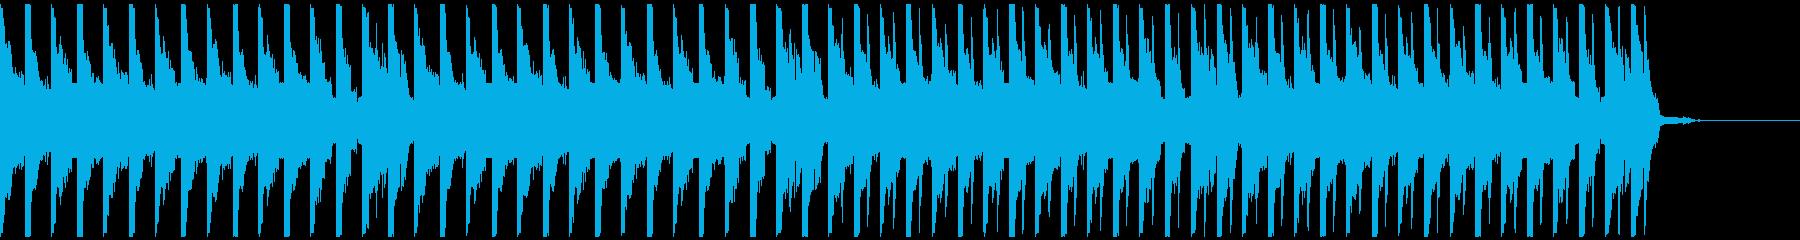 オシャレ・戦闘・スリリングEDM、⑤の再生済みの波形